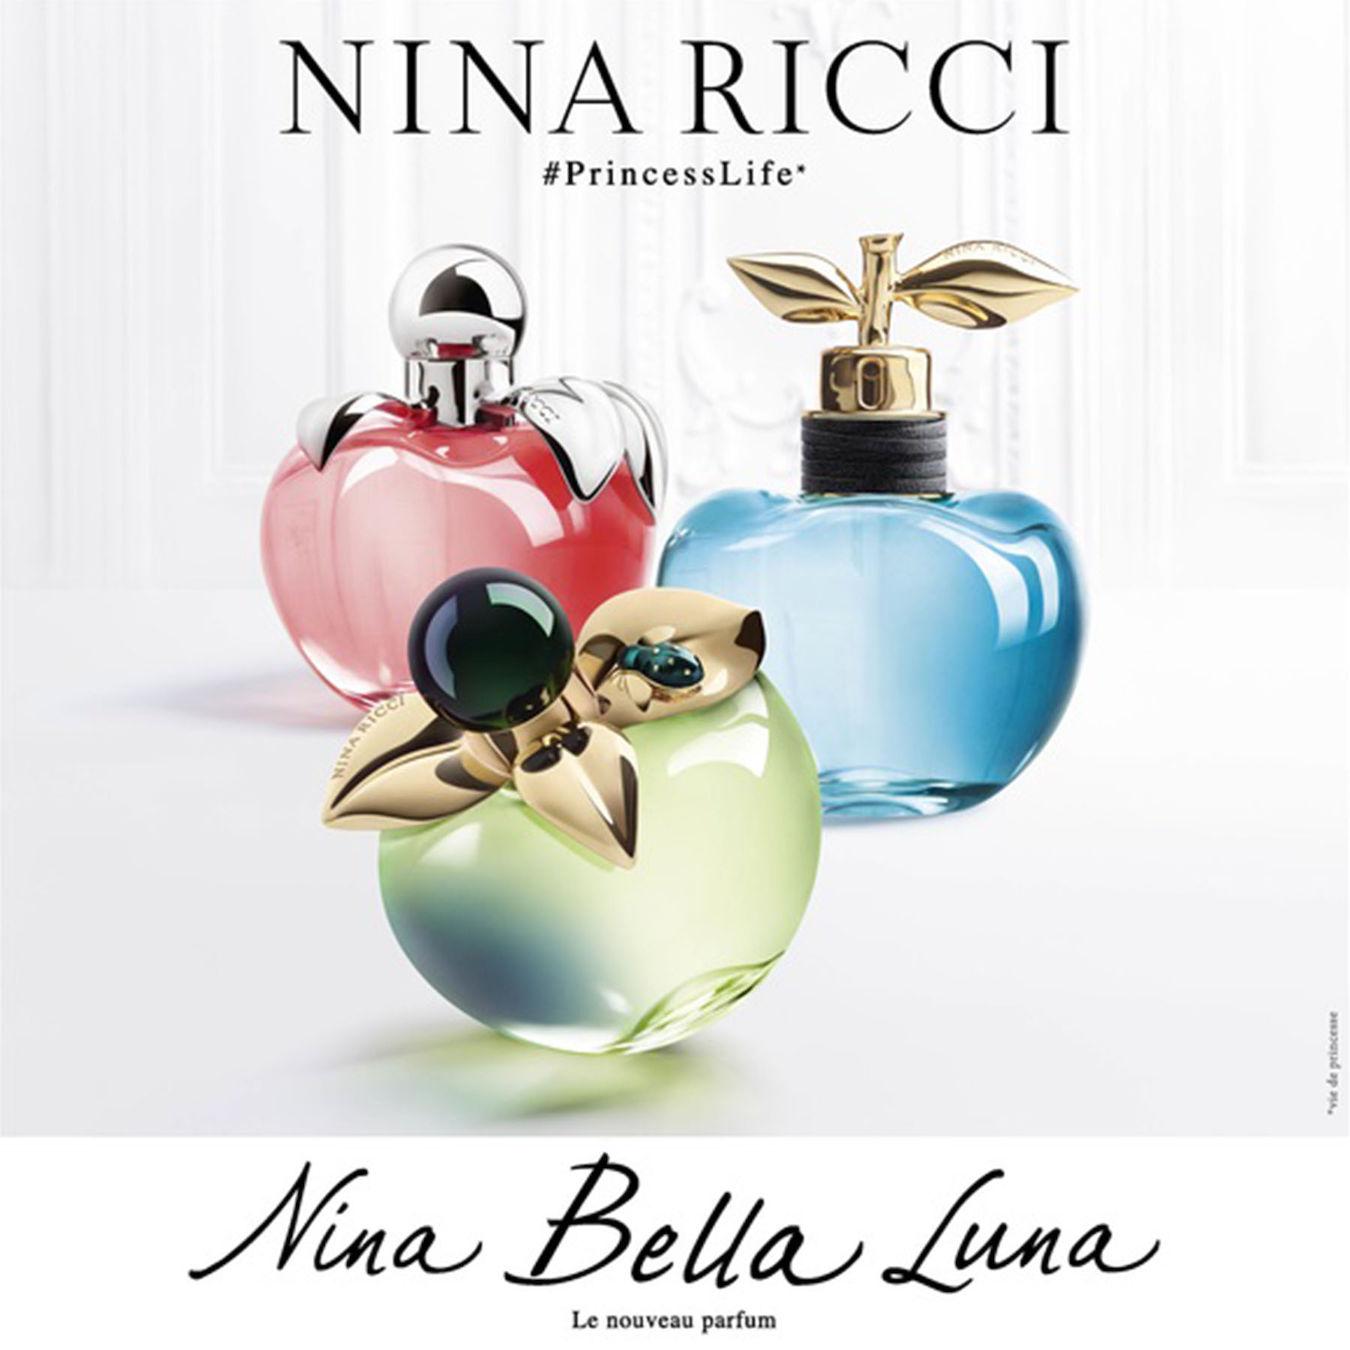 2019 год - Новый аромат Luna Nina Ricci